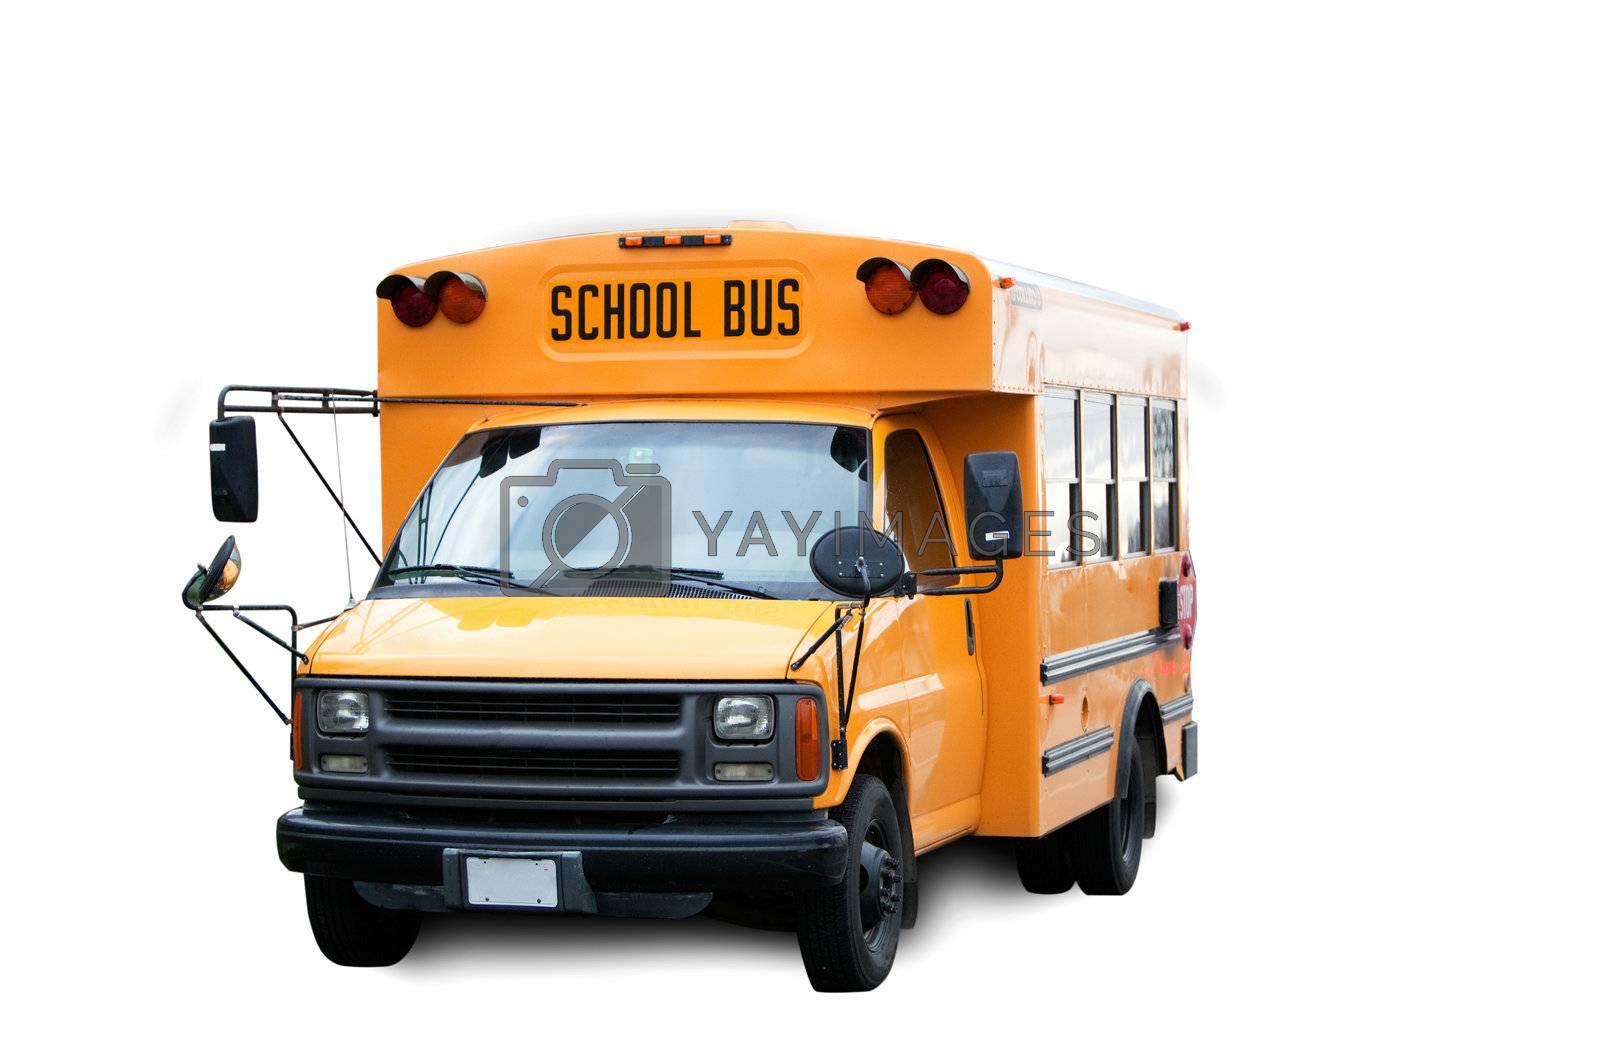 School Bus by leaf